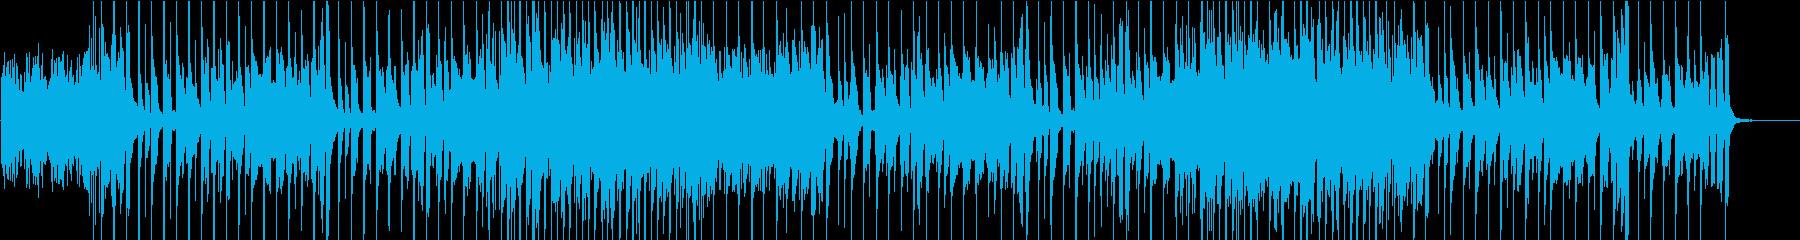 ユーモラス、コミカル系クリスマスBGMの再生済みの波形